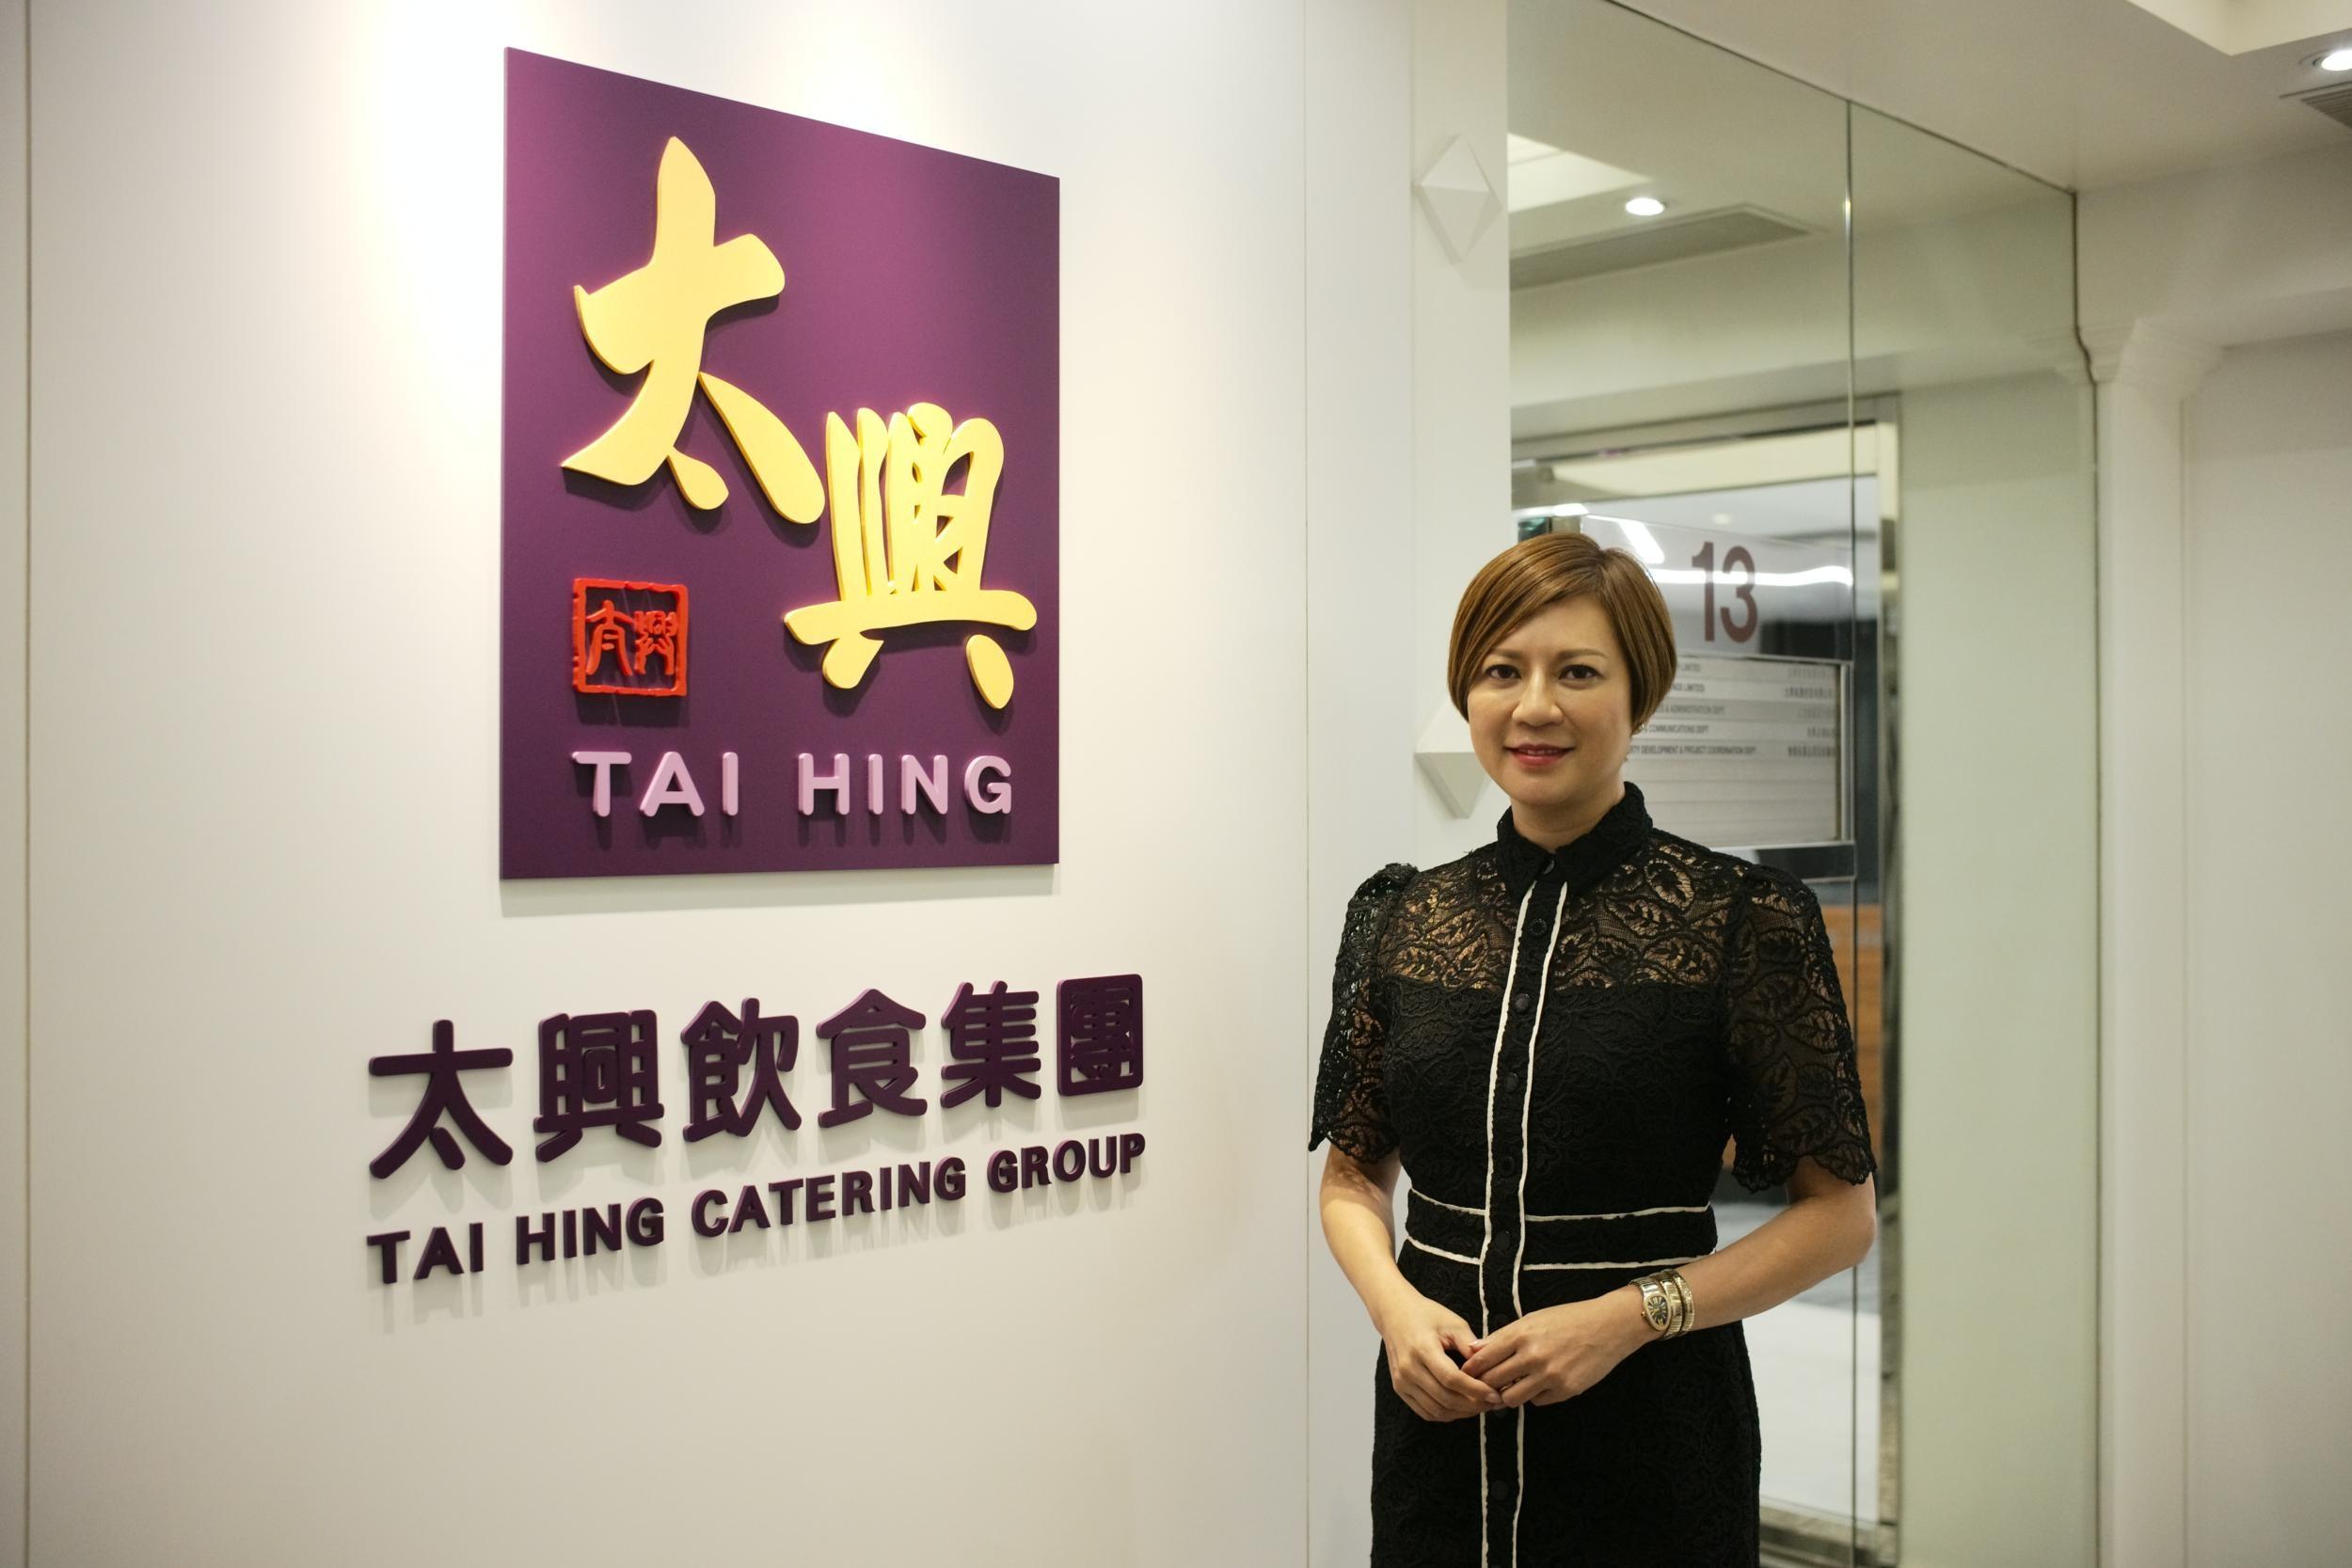 太興專訪|多招齊發應對淡市 力谷敏華冰廳成「第二個小太興」|香港01|專題人訪